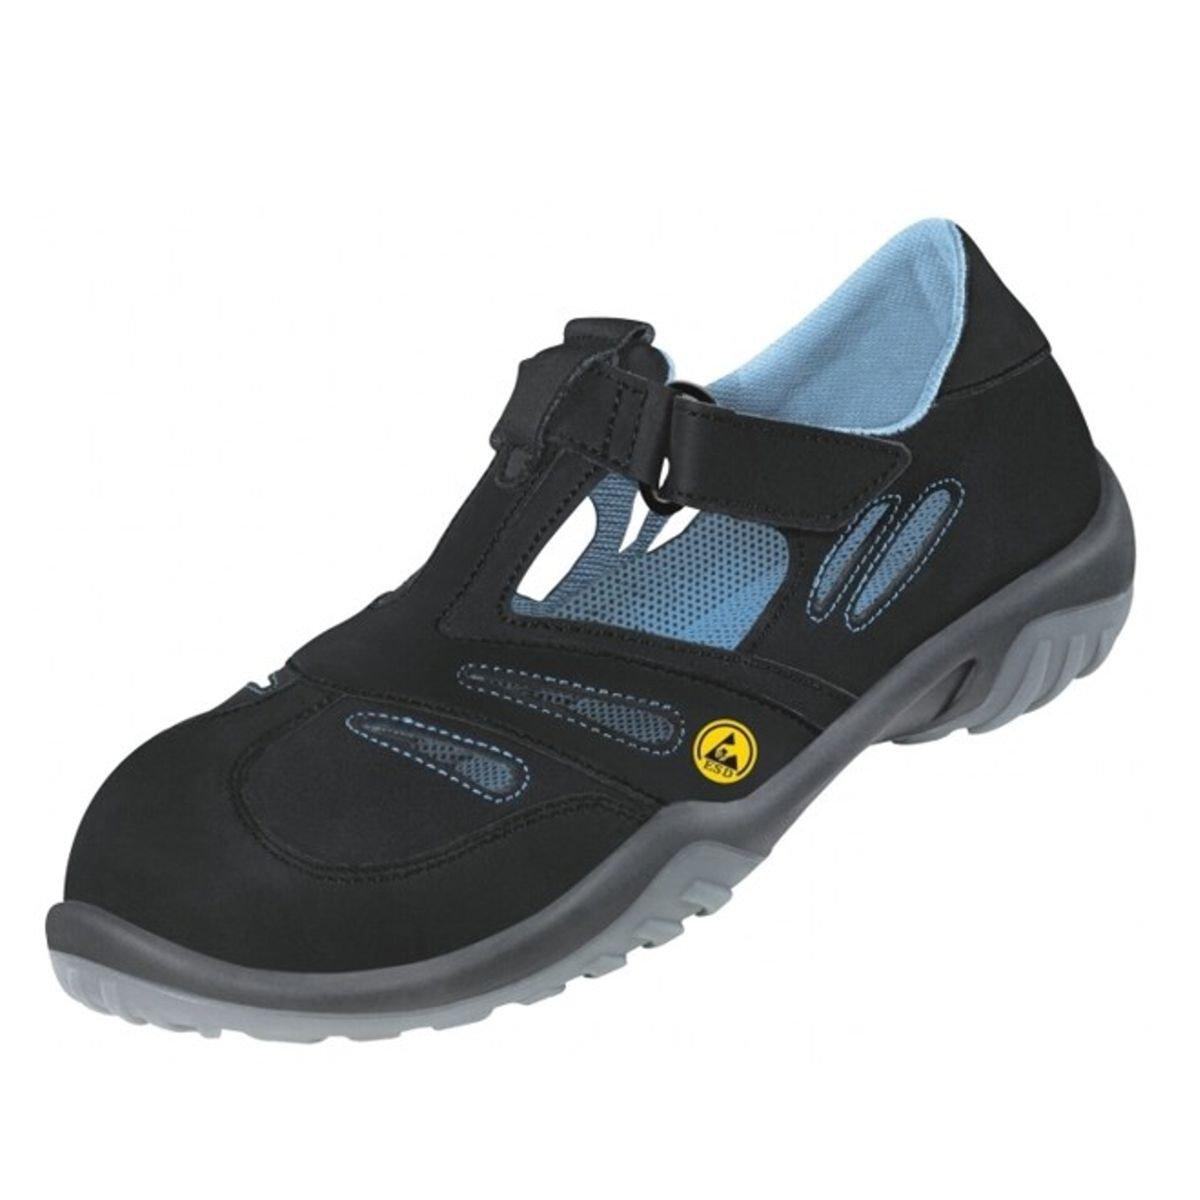 ATLAS Sicherheitsschuhe ESD GX GX GX 350 Sicherheitssandale Arbeitsschuhe Sandale Schuhgröße 41 d35510